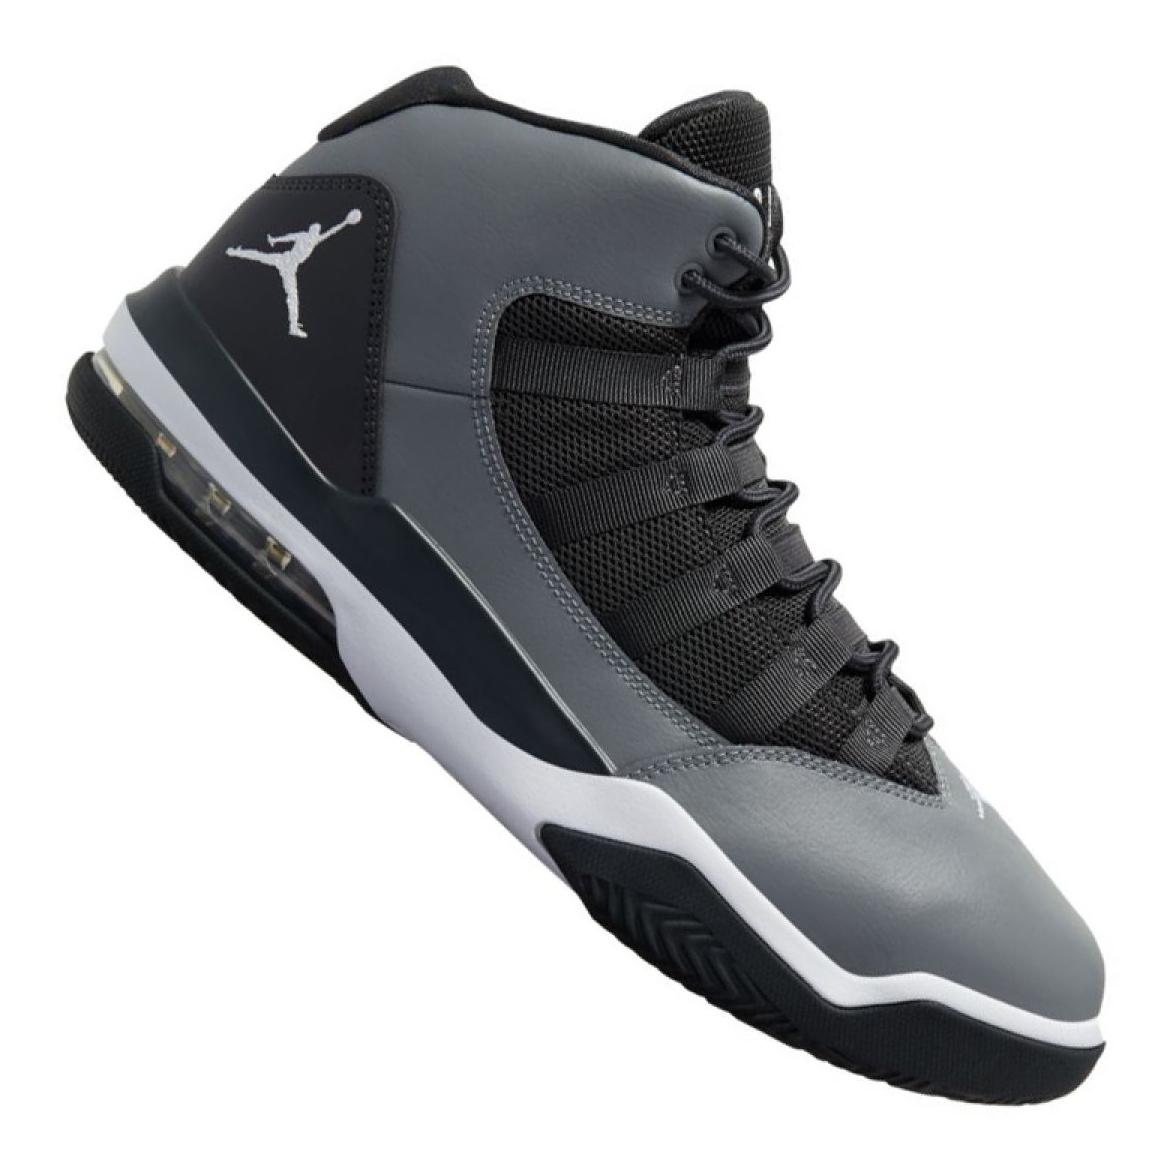 Scarpe Nike Jordan Max Aura M AQ9084 005 nero multicolore